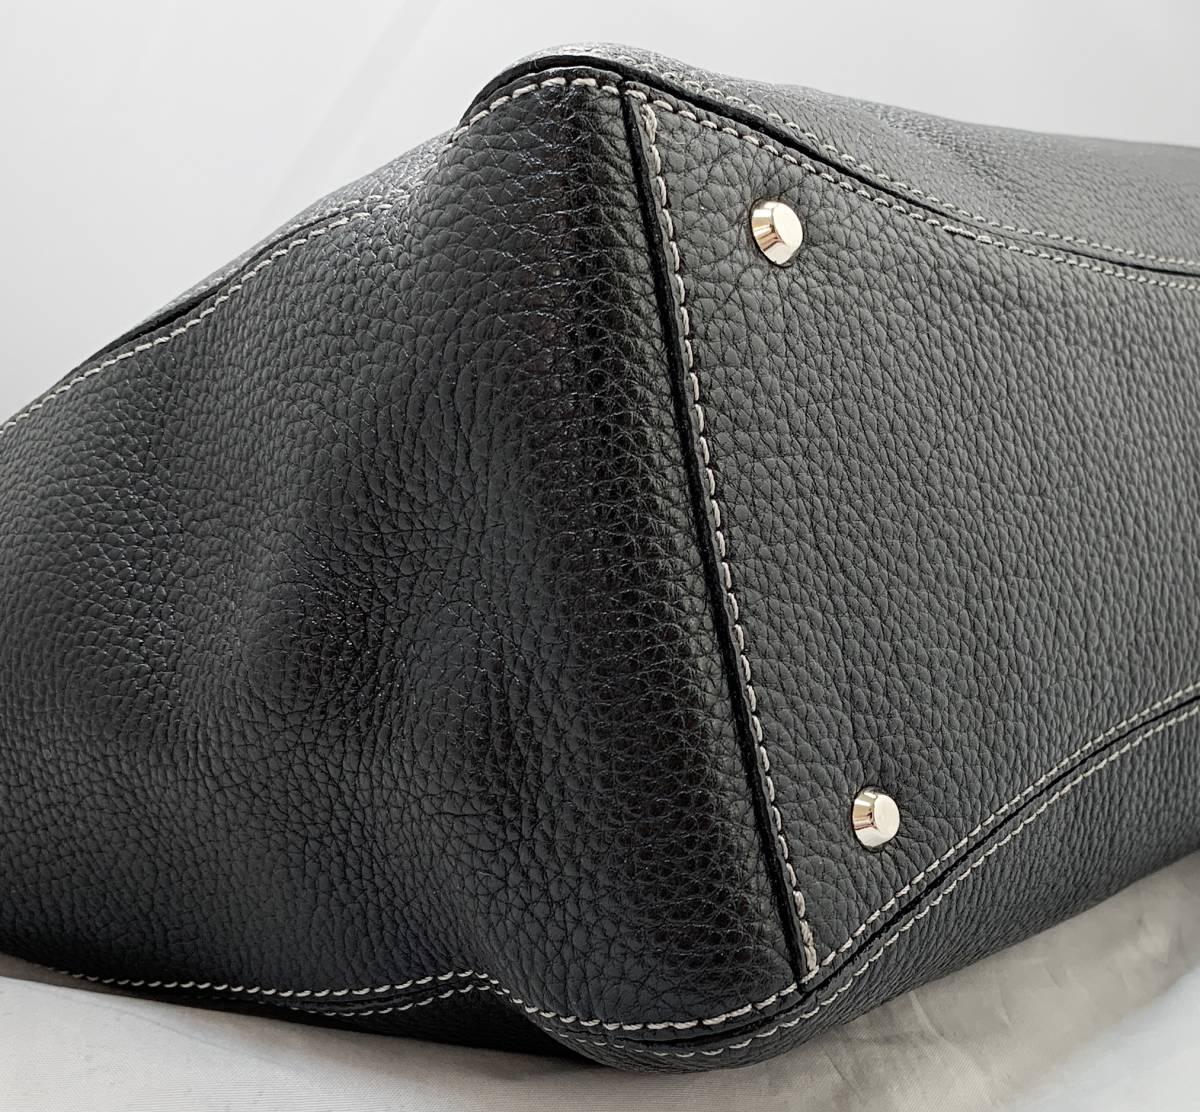 超美品 定価6万↑★ 土屋鞄 ノワイエット エイブルトート バッグ 鞄 ブラック 黒 ハンドバッグ ショルダーバッグ フォーマルにも◎ _画像7